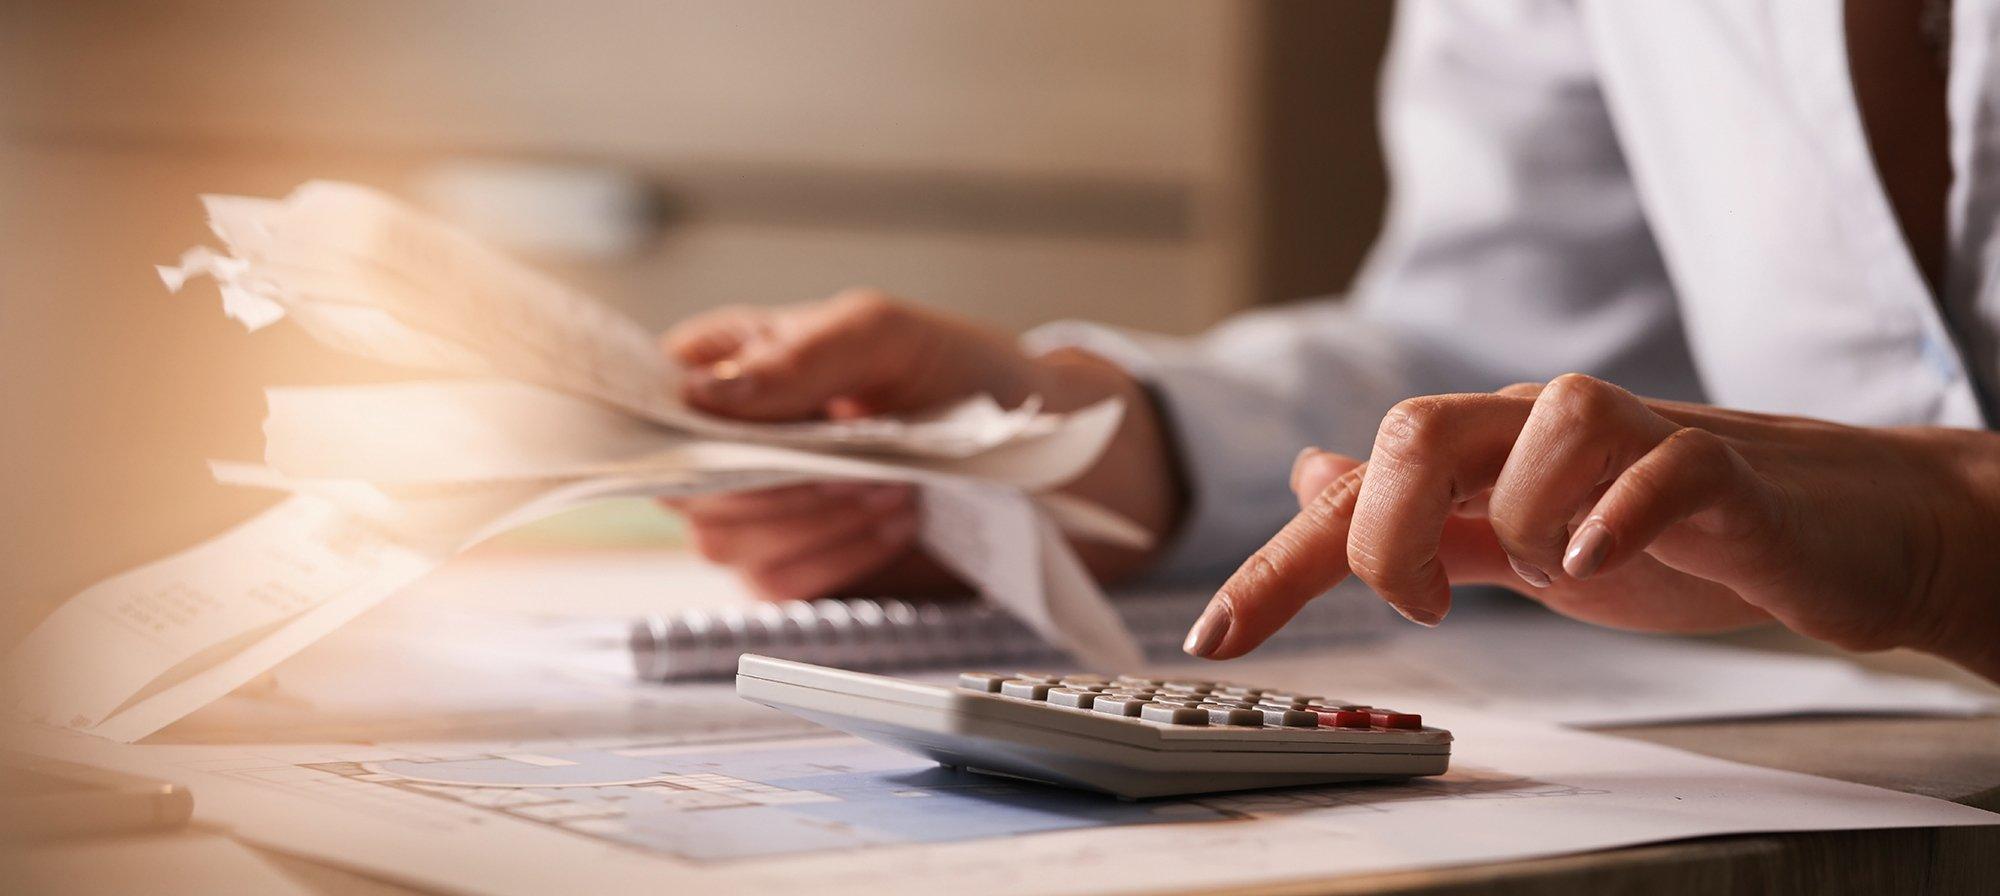 reisekostenabrechnung-vorlagen-abrechnung